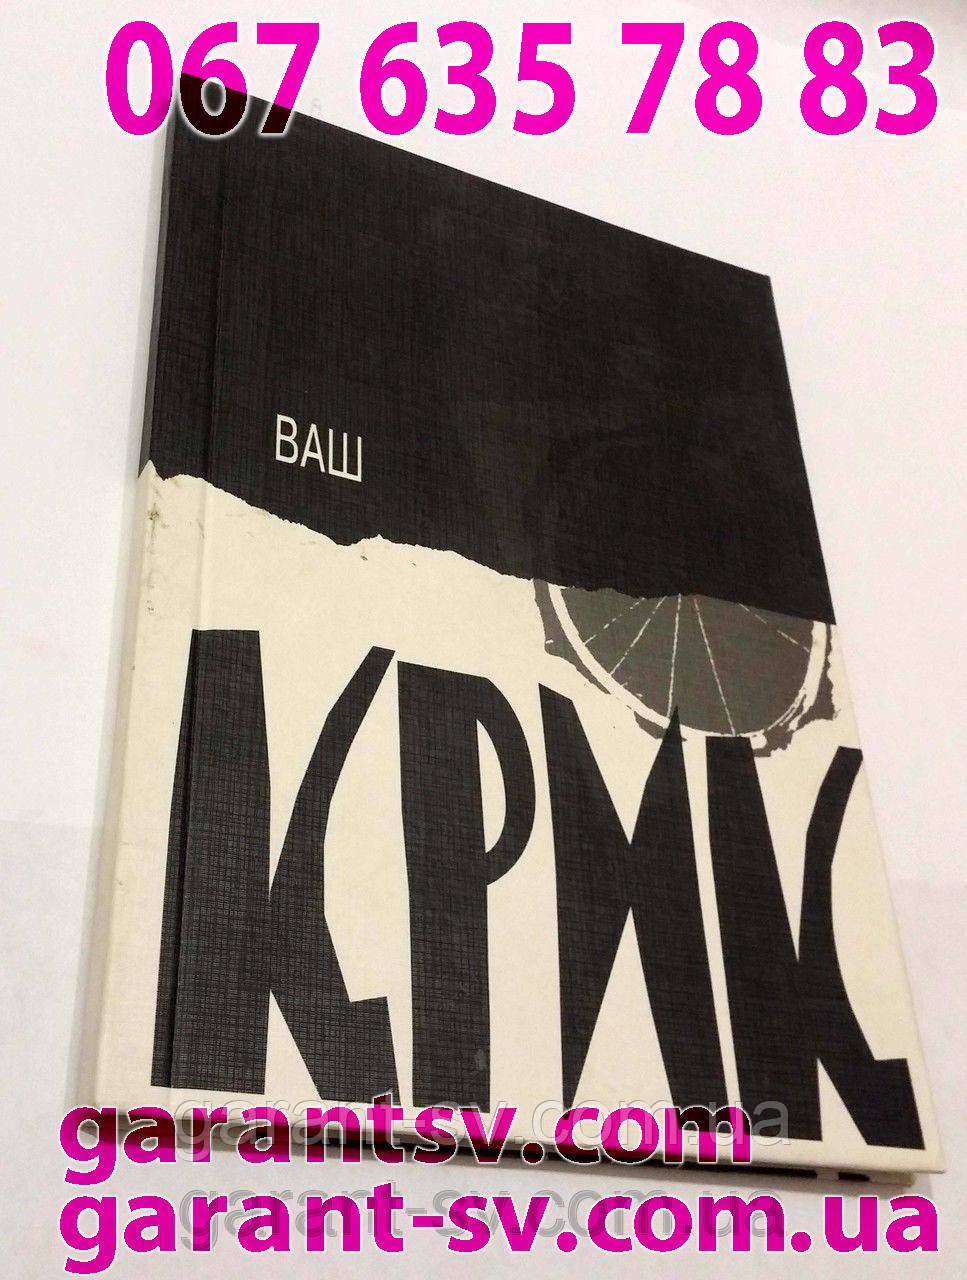 Изготовление книг: мягкий переплет, формат А5, 200 страниц,сшивка  биндер, тираж 200штук